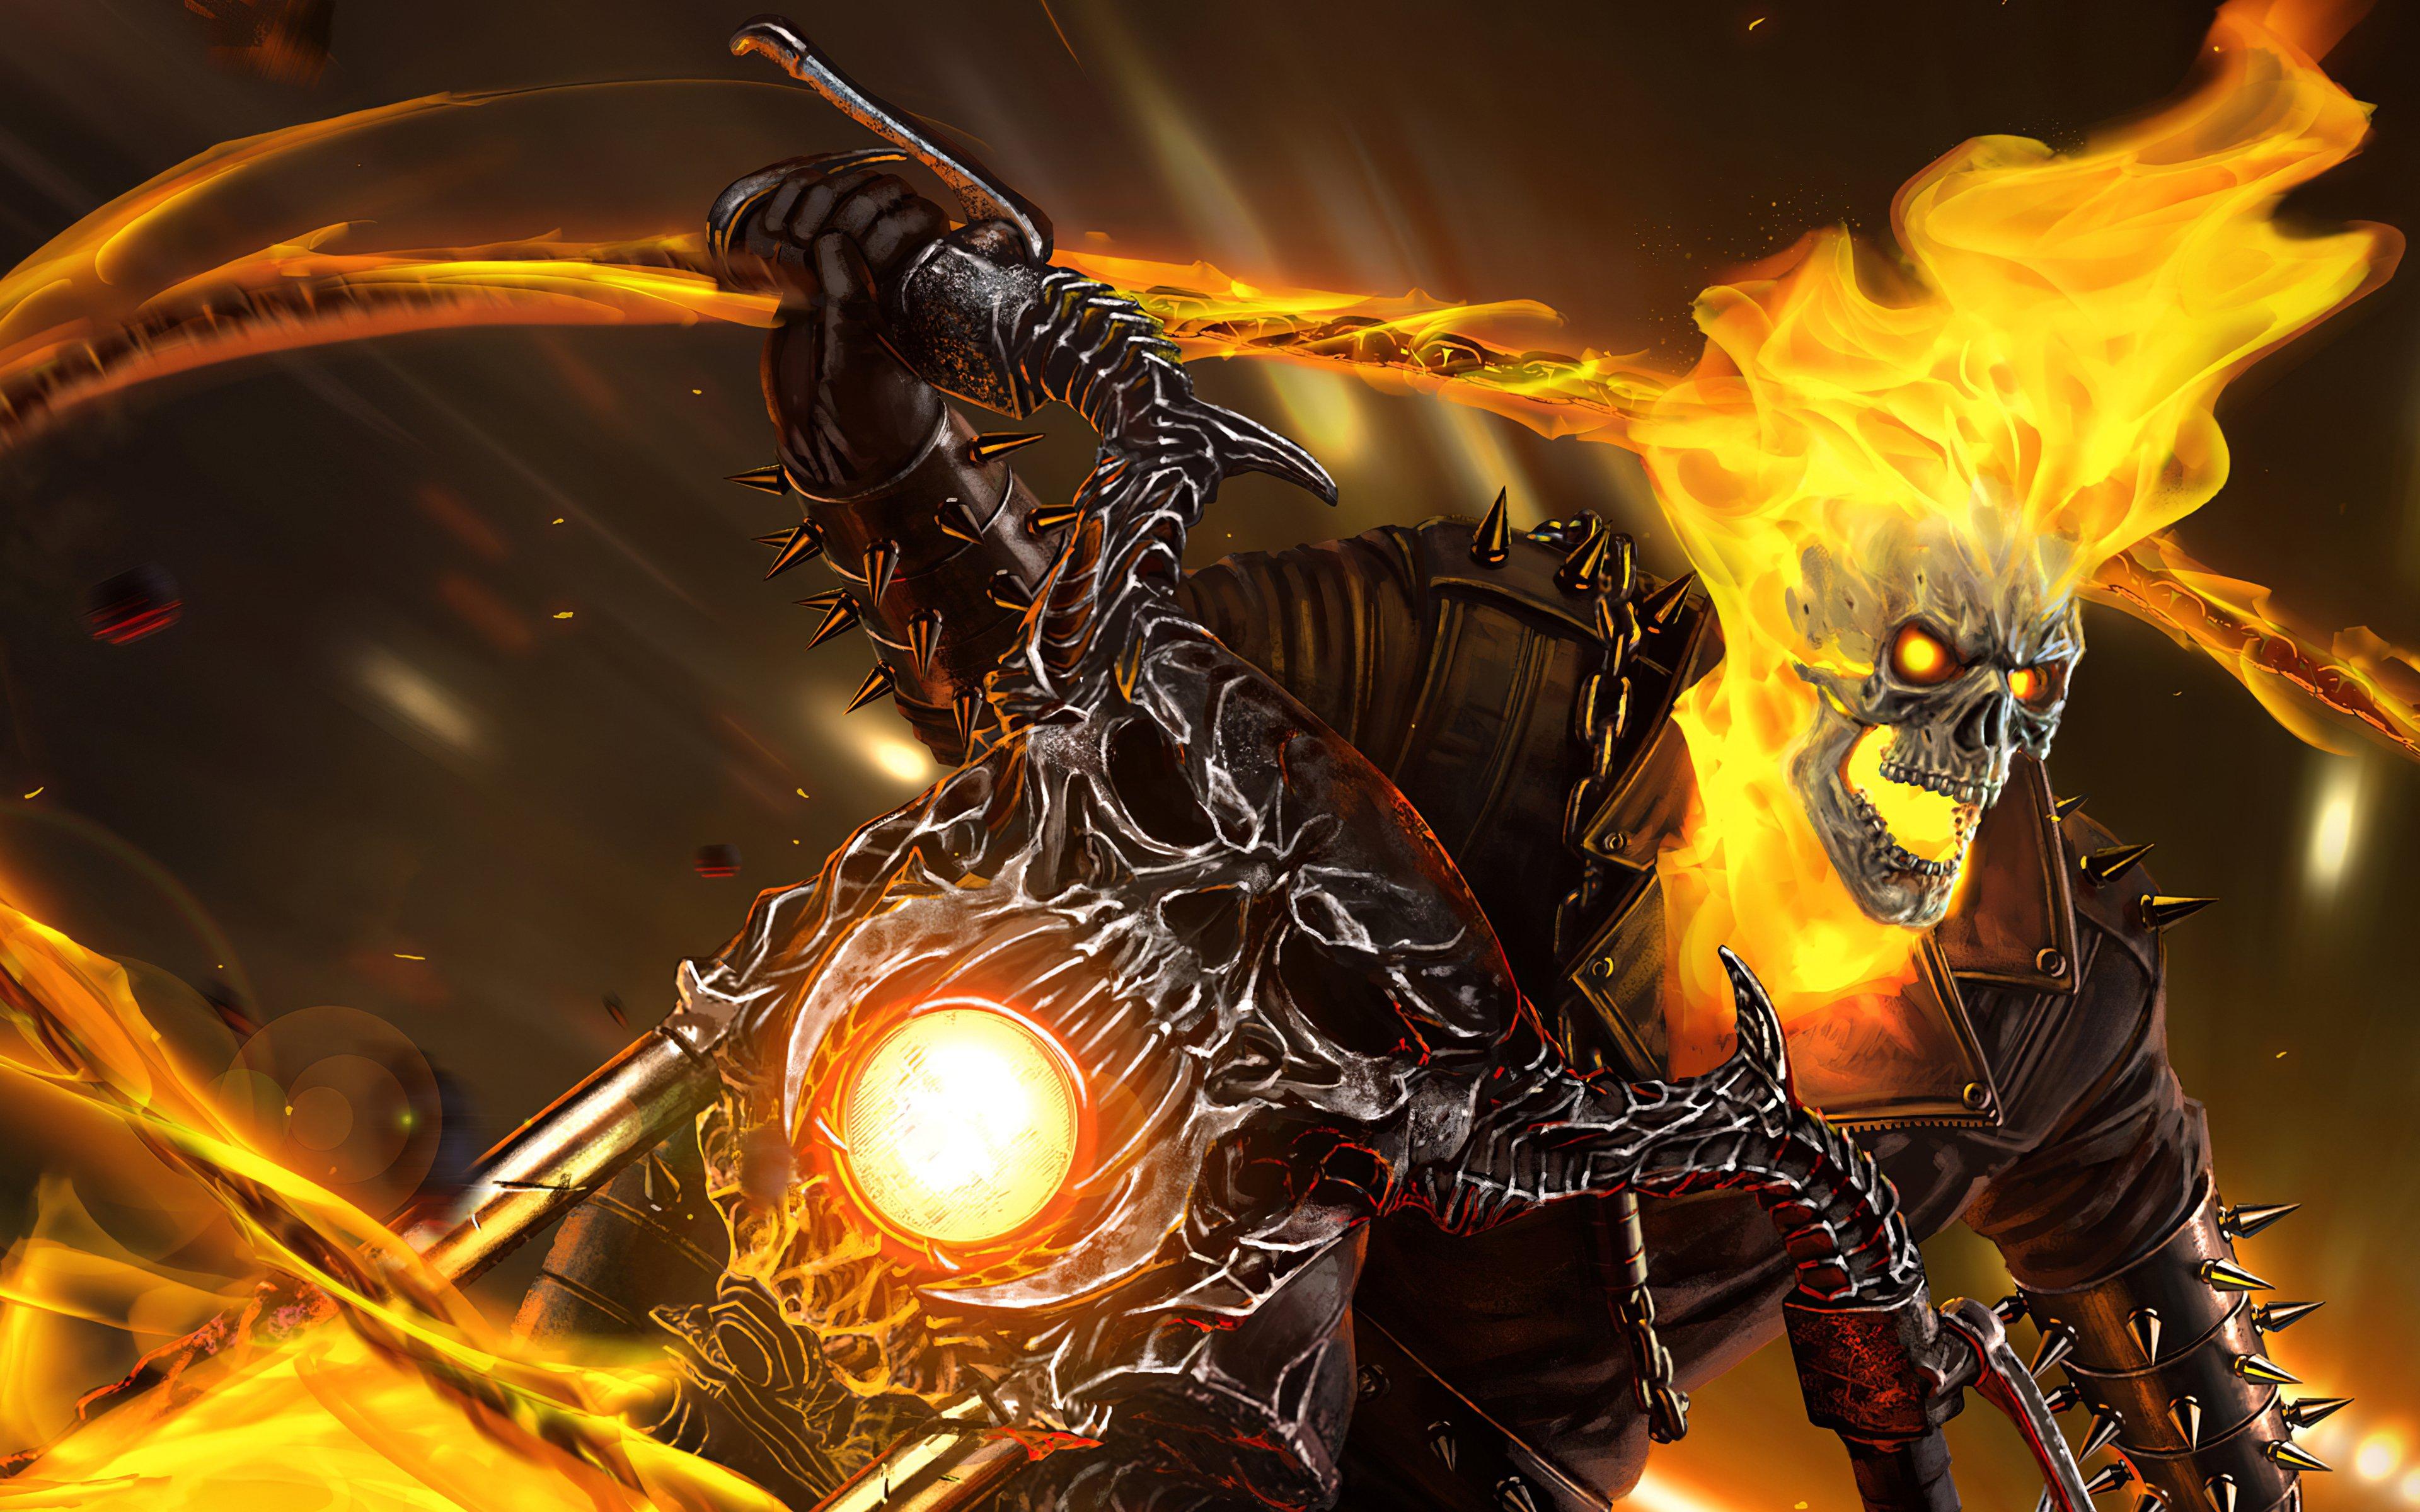 Ghost Rider Wallpaper 4k Ultra Hd Id 4831